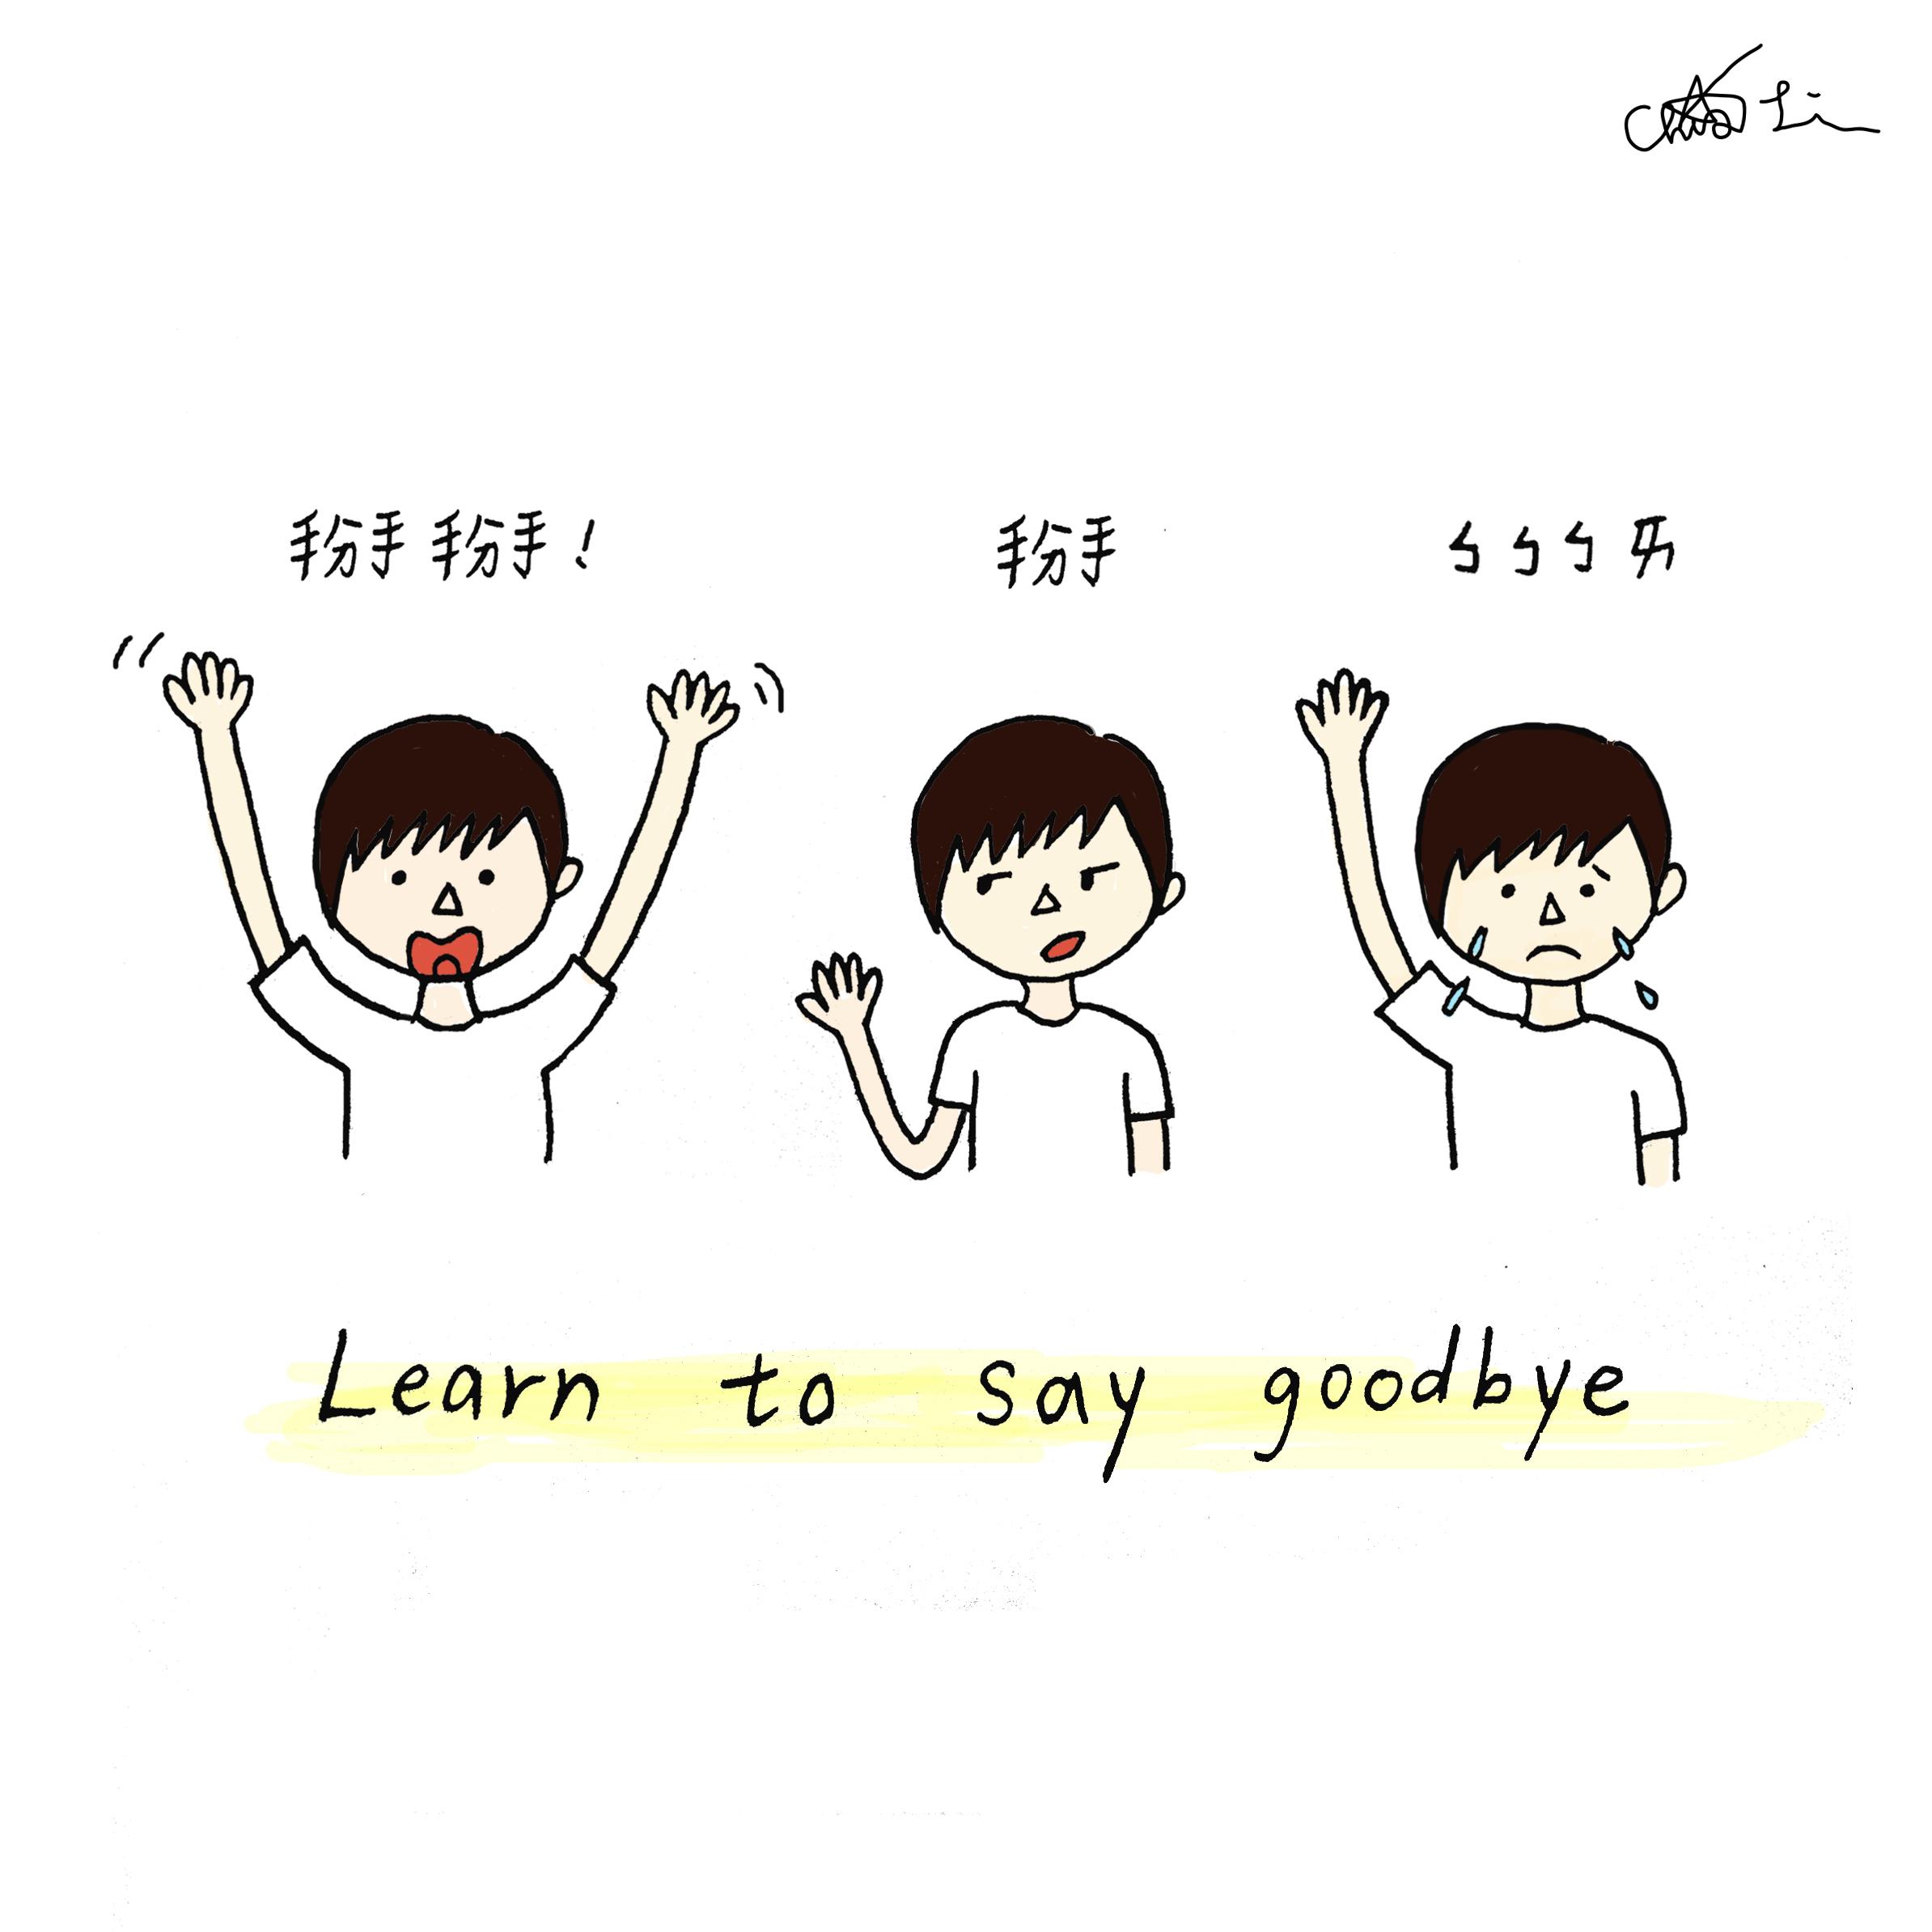 ▲ 關於說再見